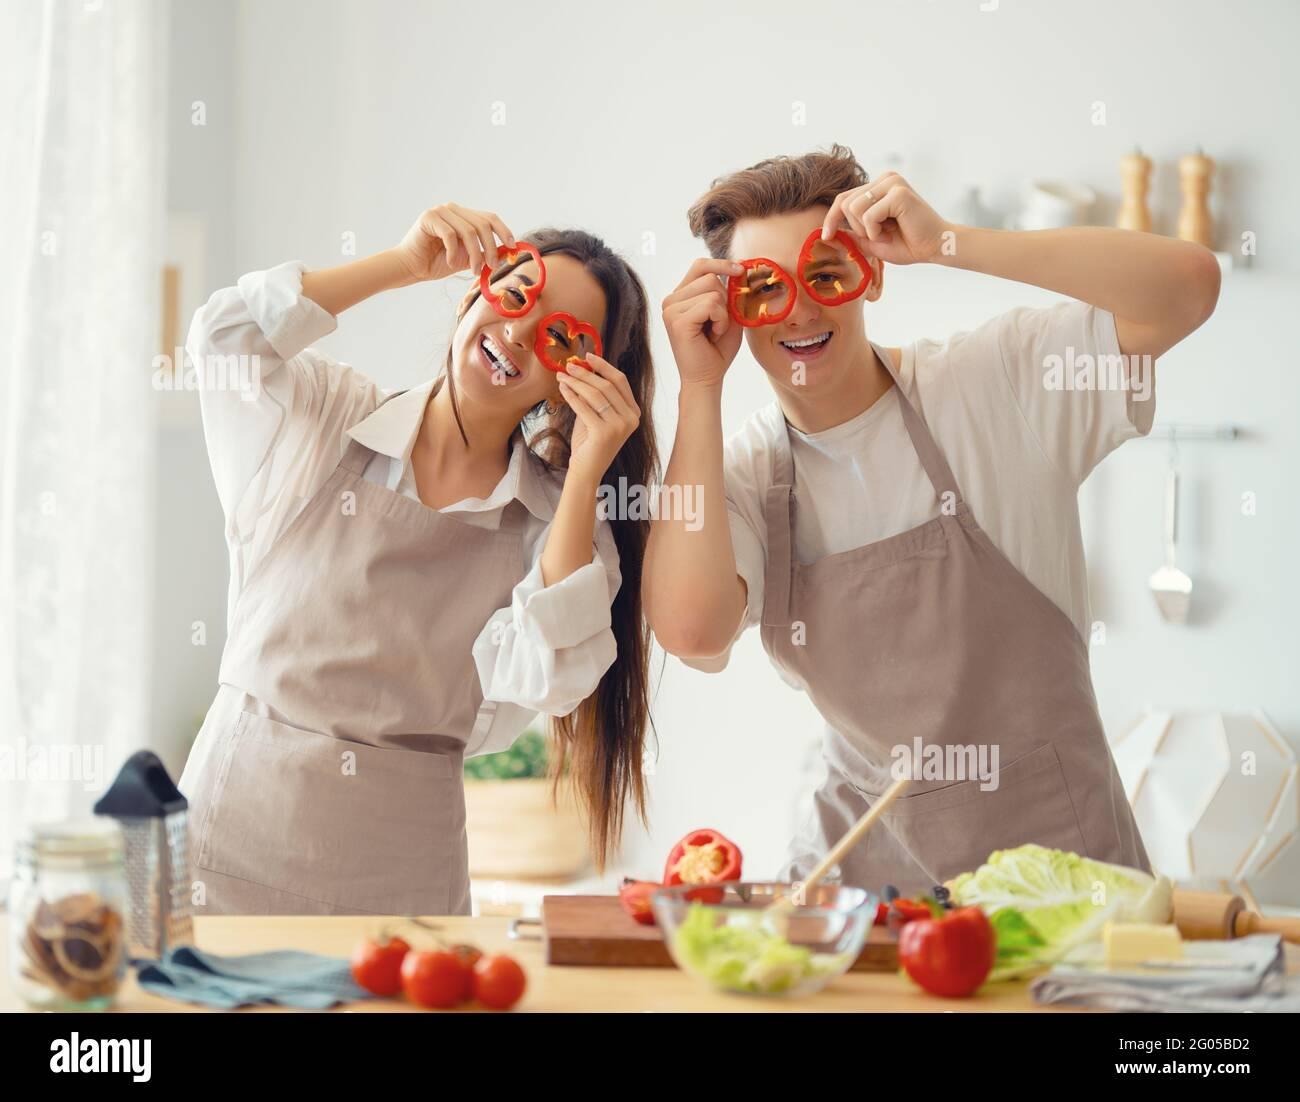 Une alimentation saine à la maison. Le couple heureux aimant prépare le bon repas dans la cuisine. Banque D'Images